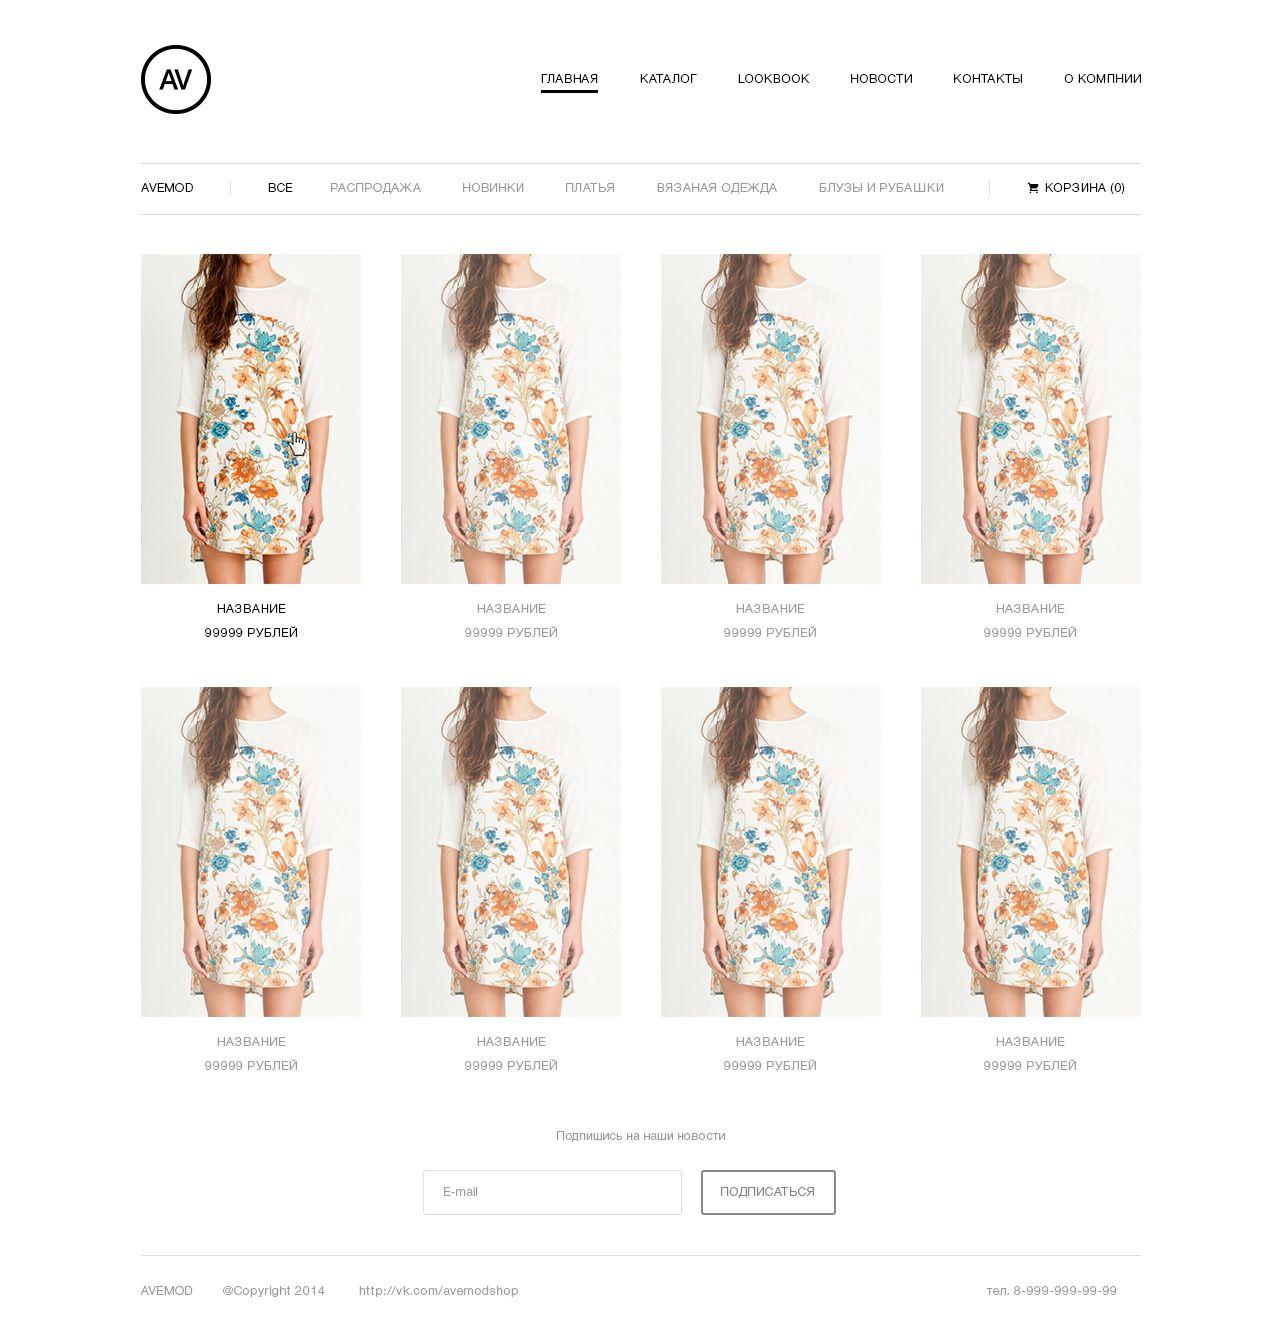 Креативный дизайн интернет магазина женской одежды - дизайнер asamokhvalov